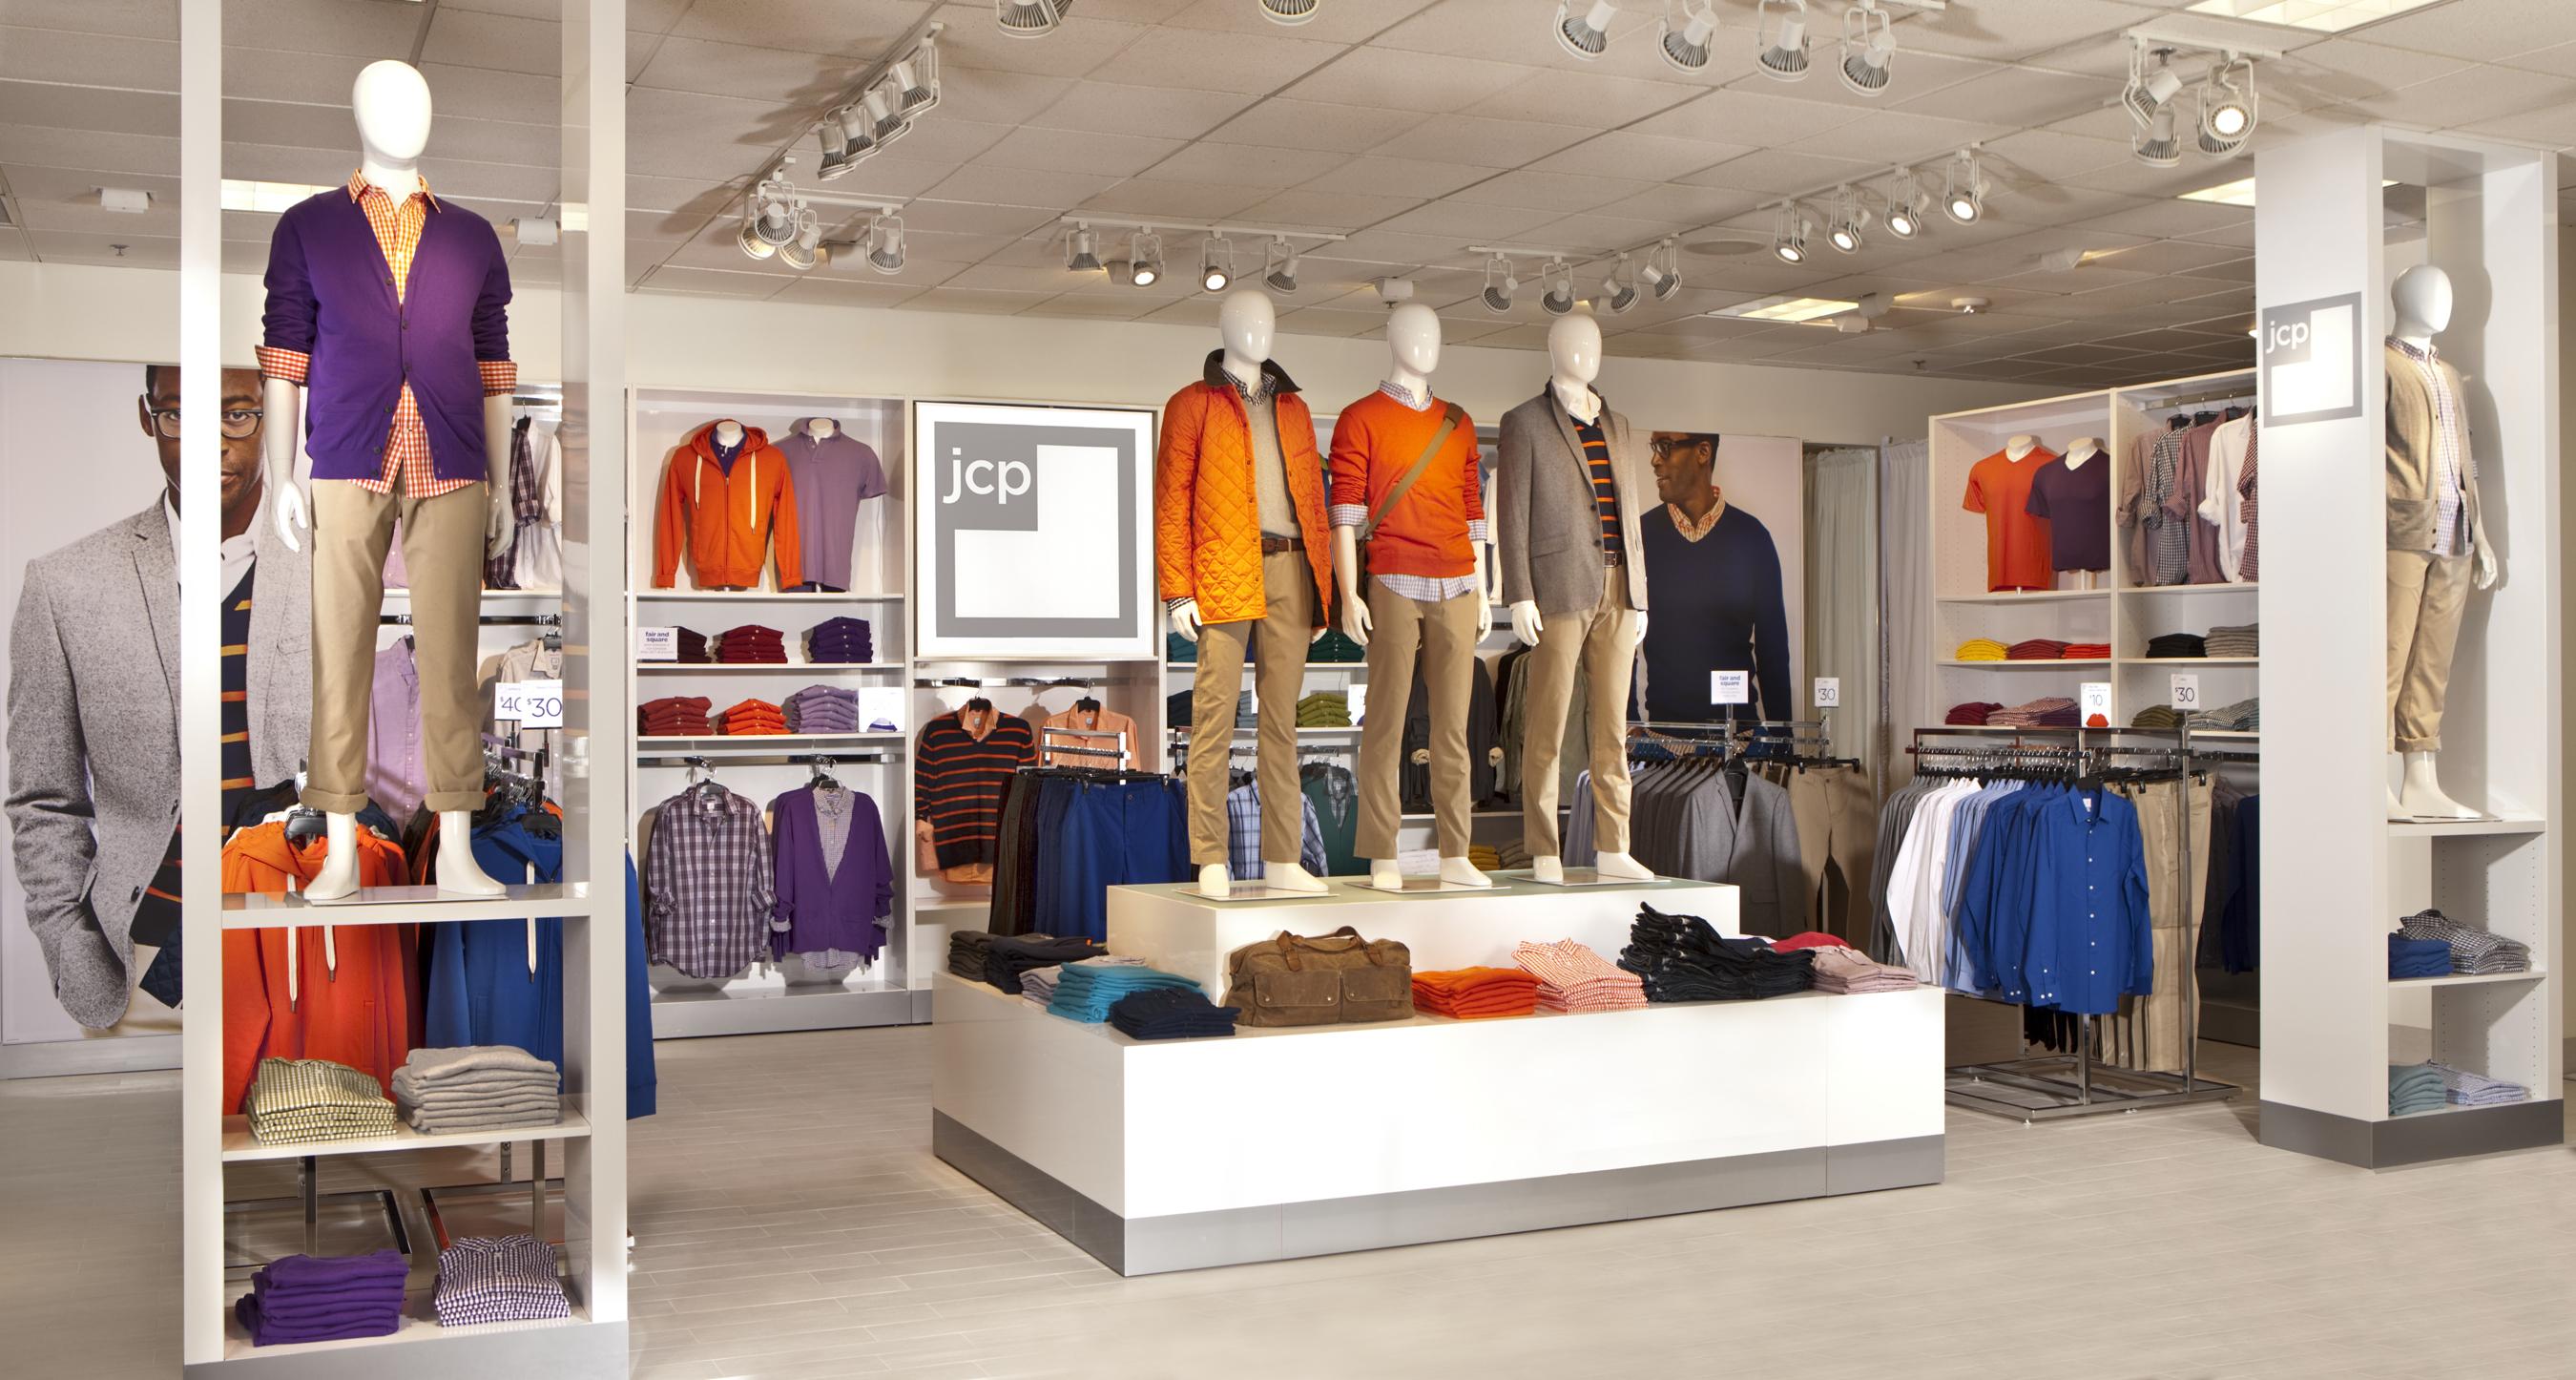 Bắt đầu kinh doanh quần áo với 10 triệu đồng như thế nào?